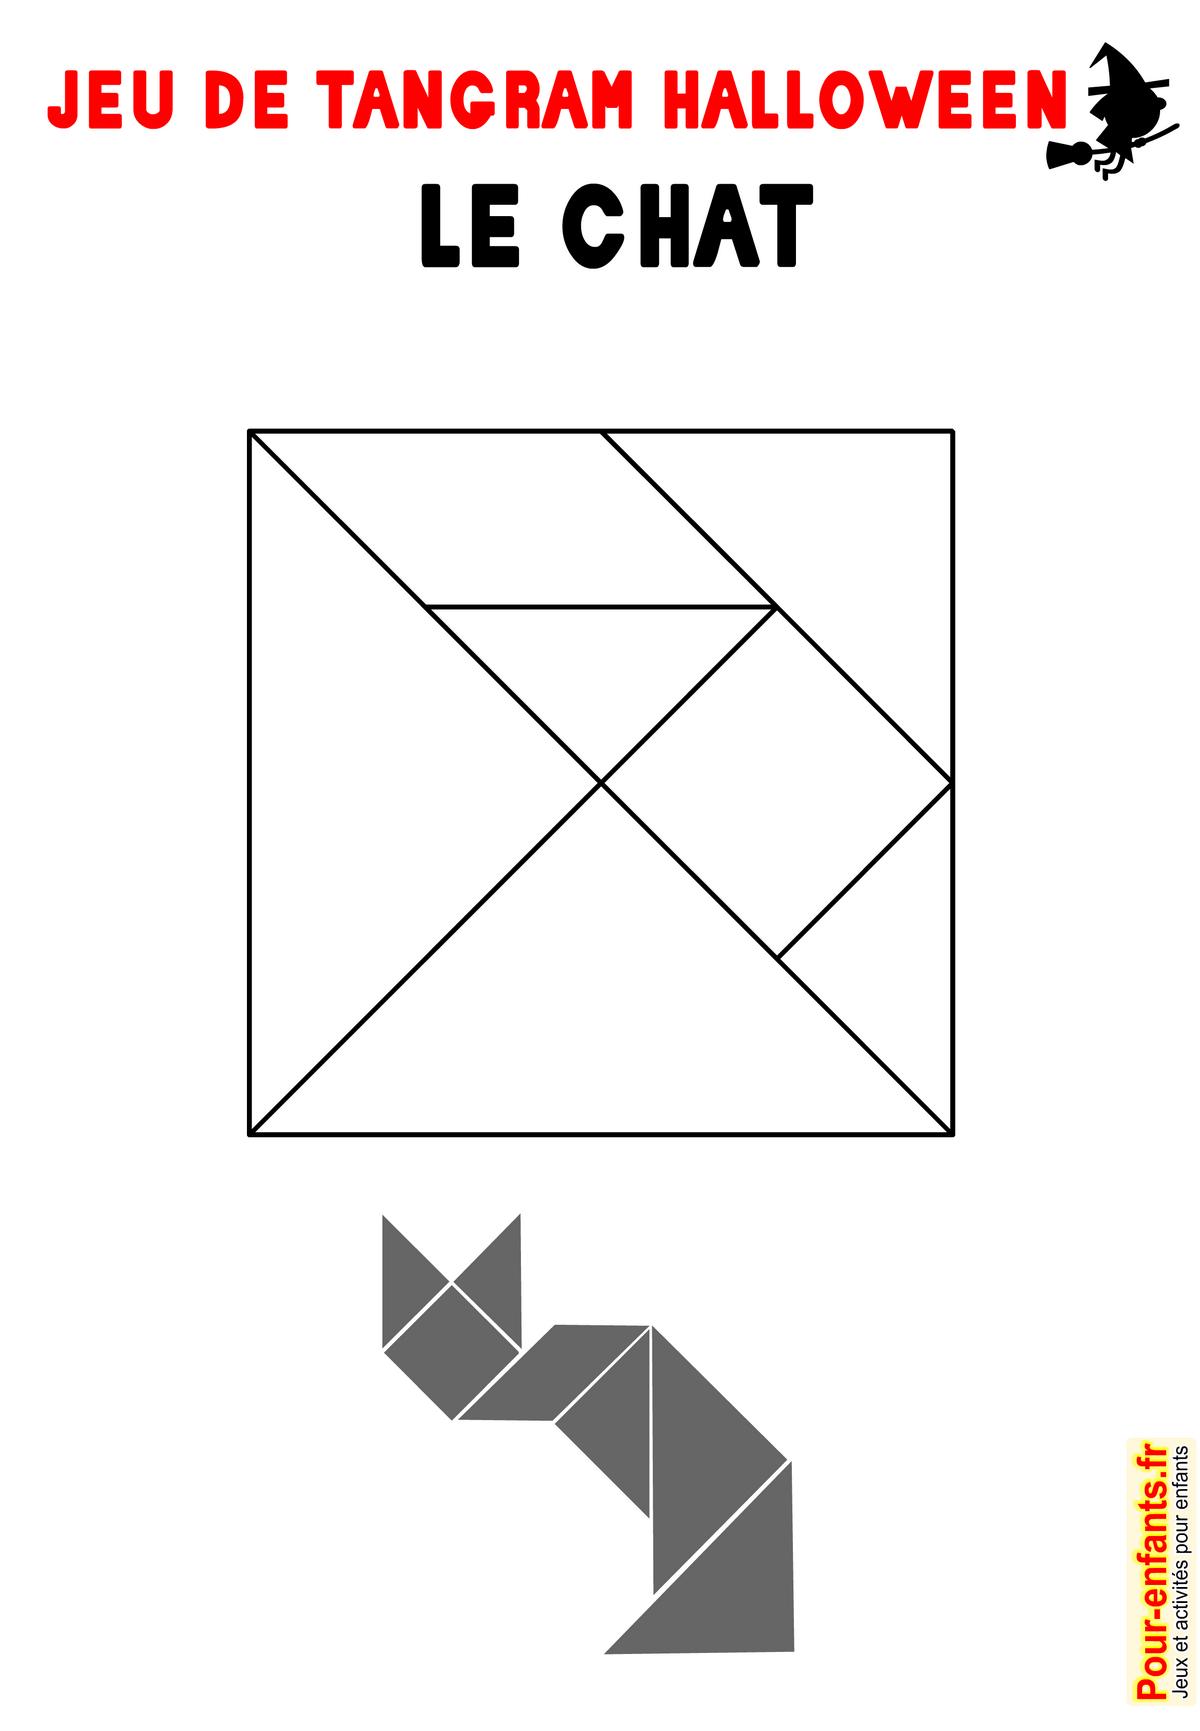 Jeu De Tangram À Imprimer Chat Halloween Imprimable Gratuit intérieur Tangram A Imprimer